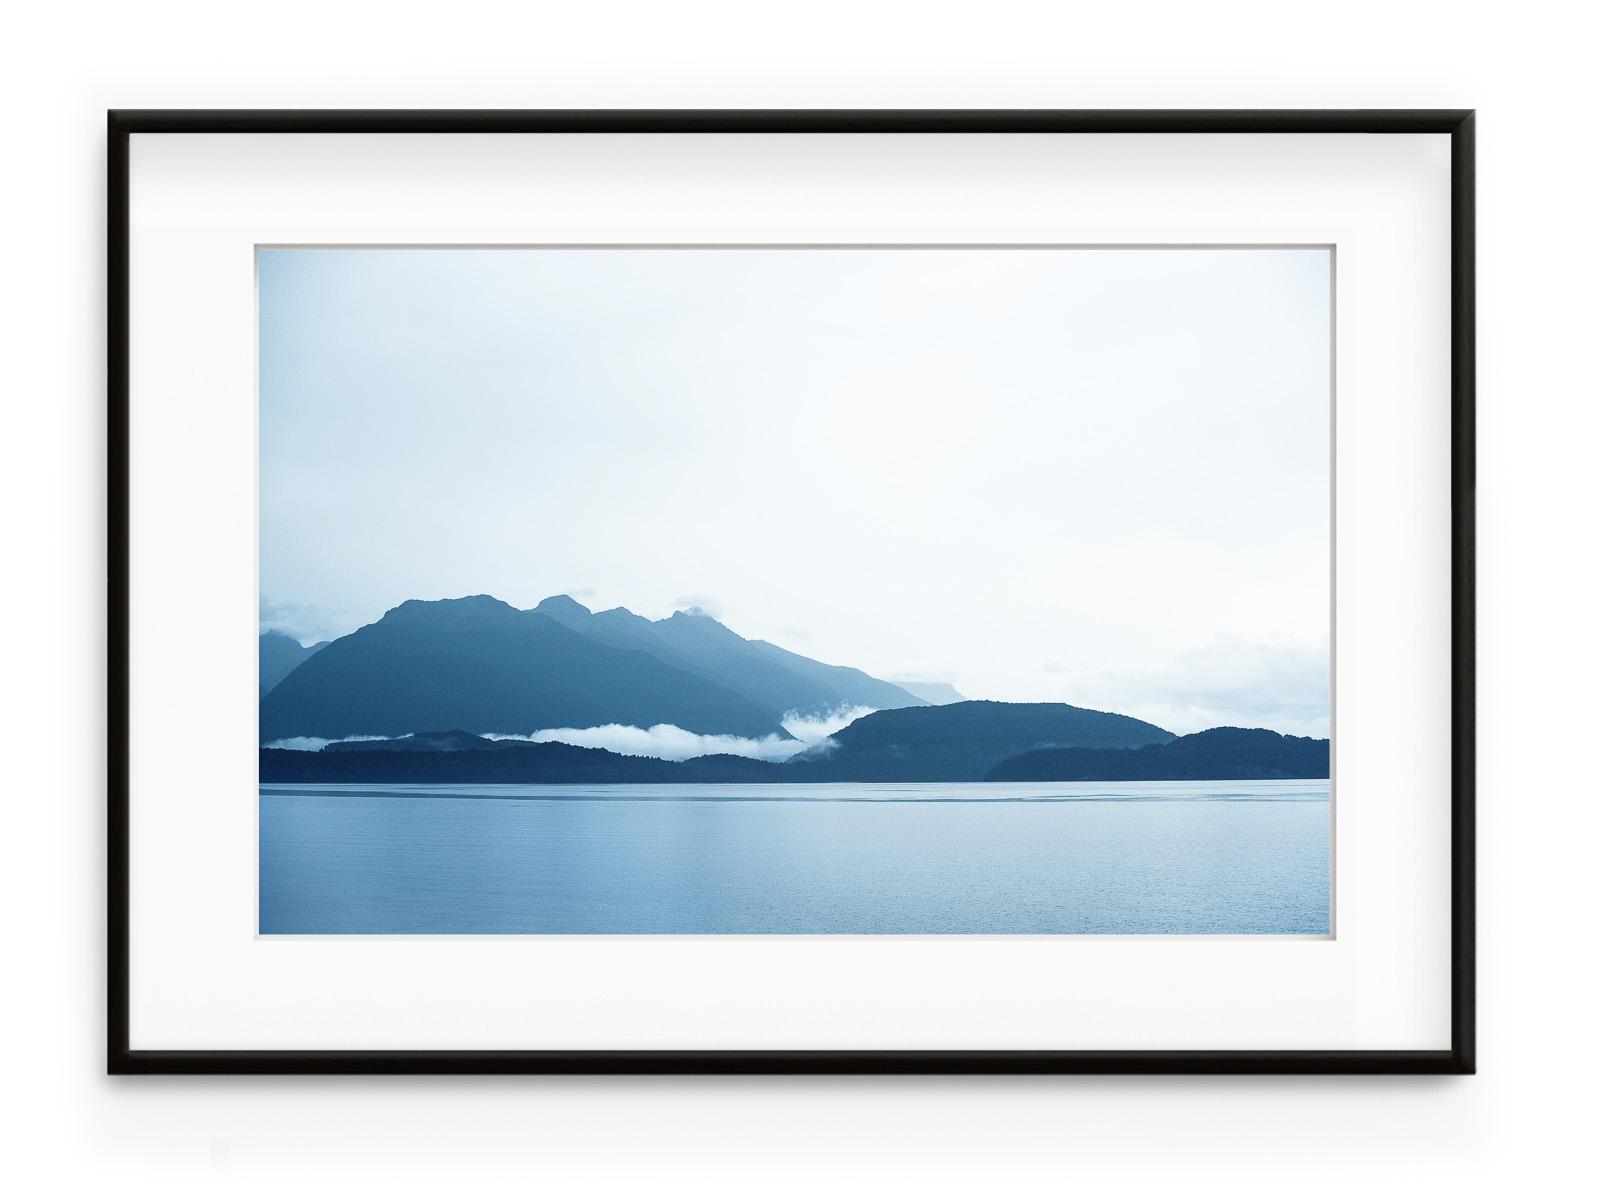 Tablou Manapouri Lake Nouvelle Zelande Aluminium Noir